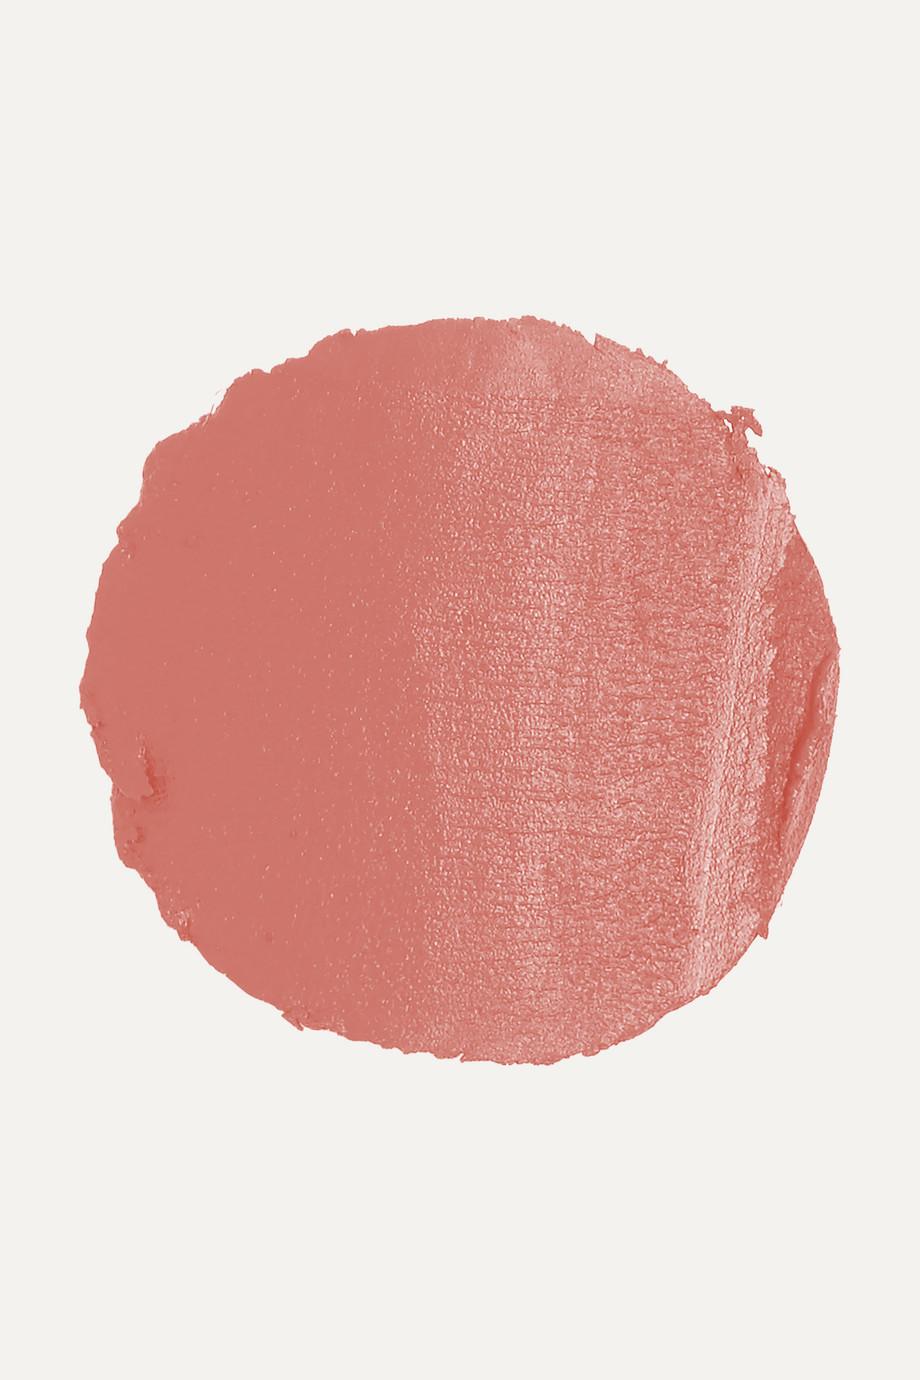 NARS Audacious Lipstick - Barbara